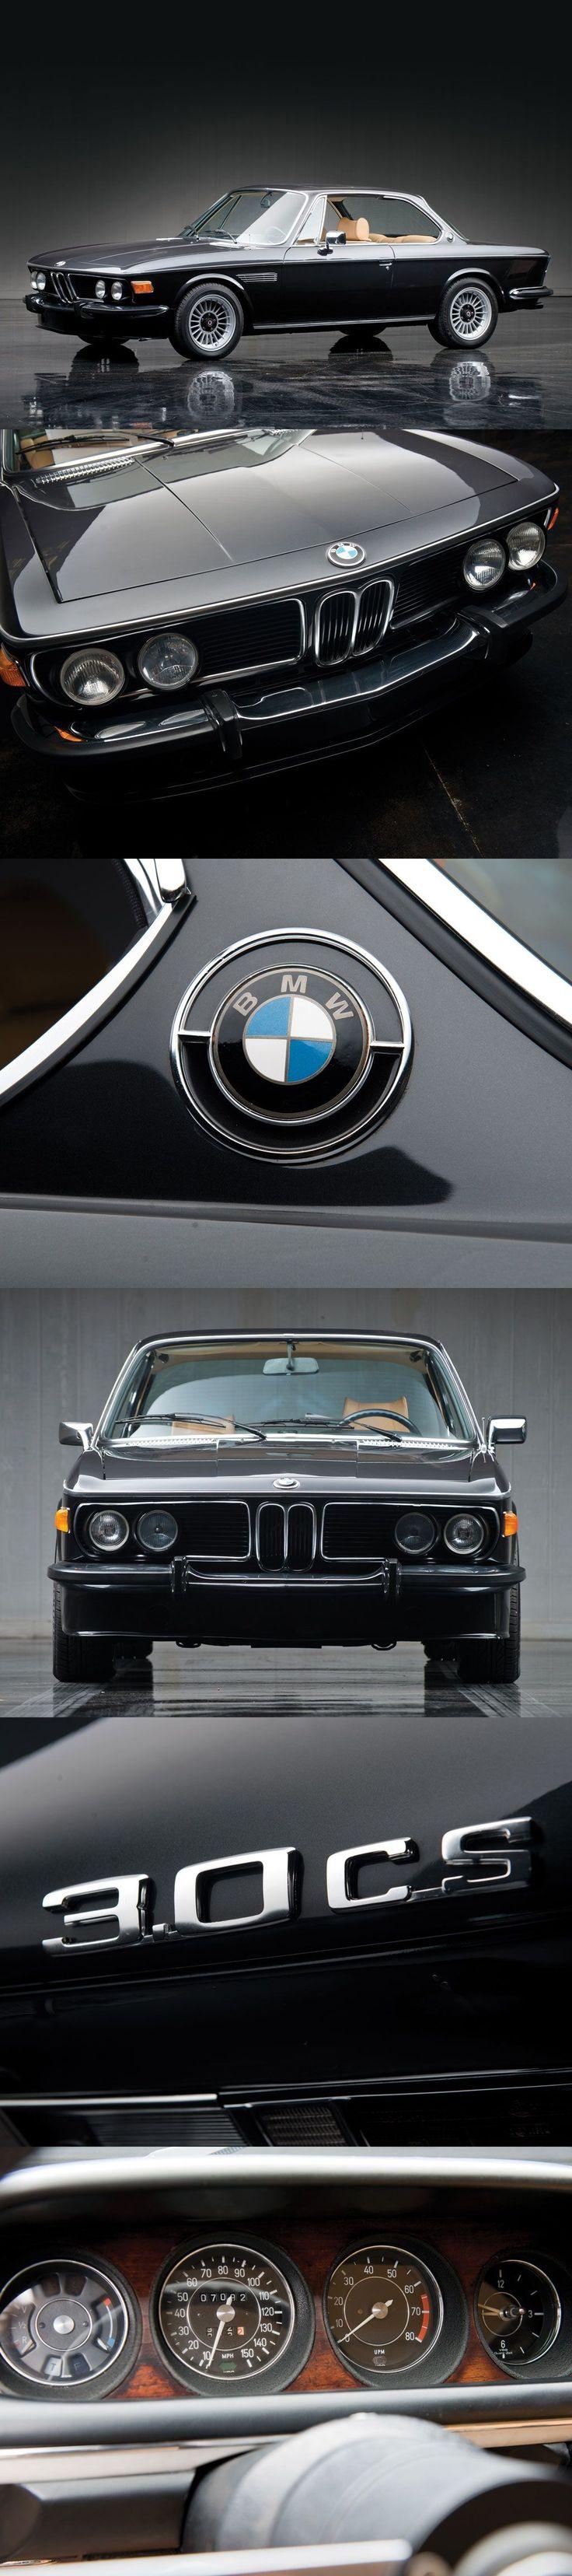 1425d27576767b9f0171ed2fd510aa78--bmw-i-old-classic-cars Cool Bmw Z1 Joyas sobre Ruedas Cars Trend